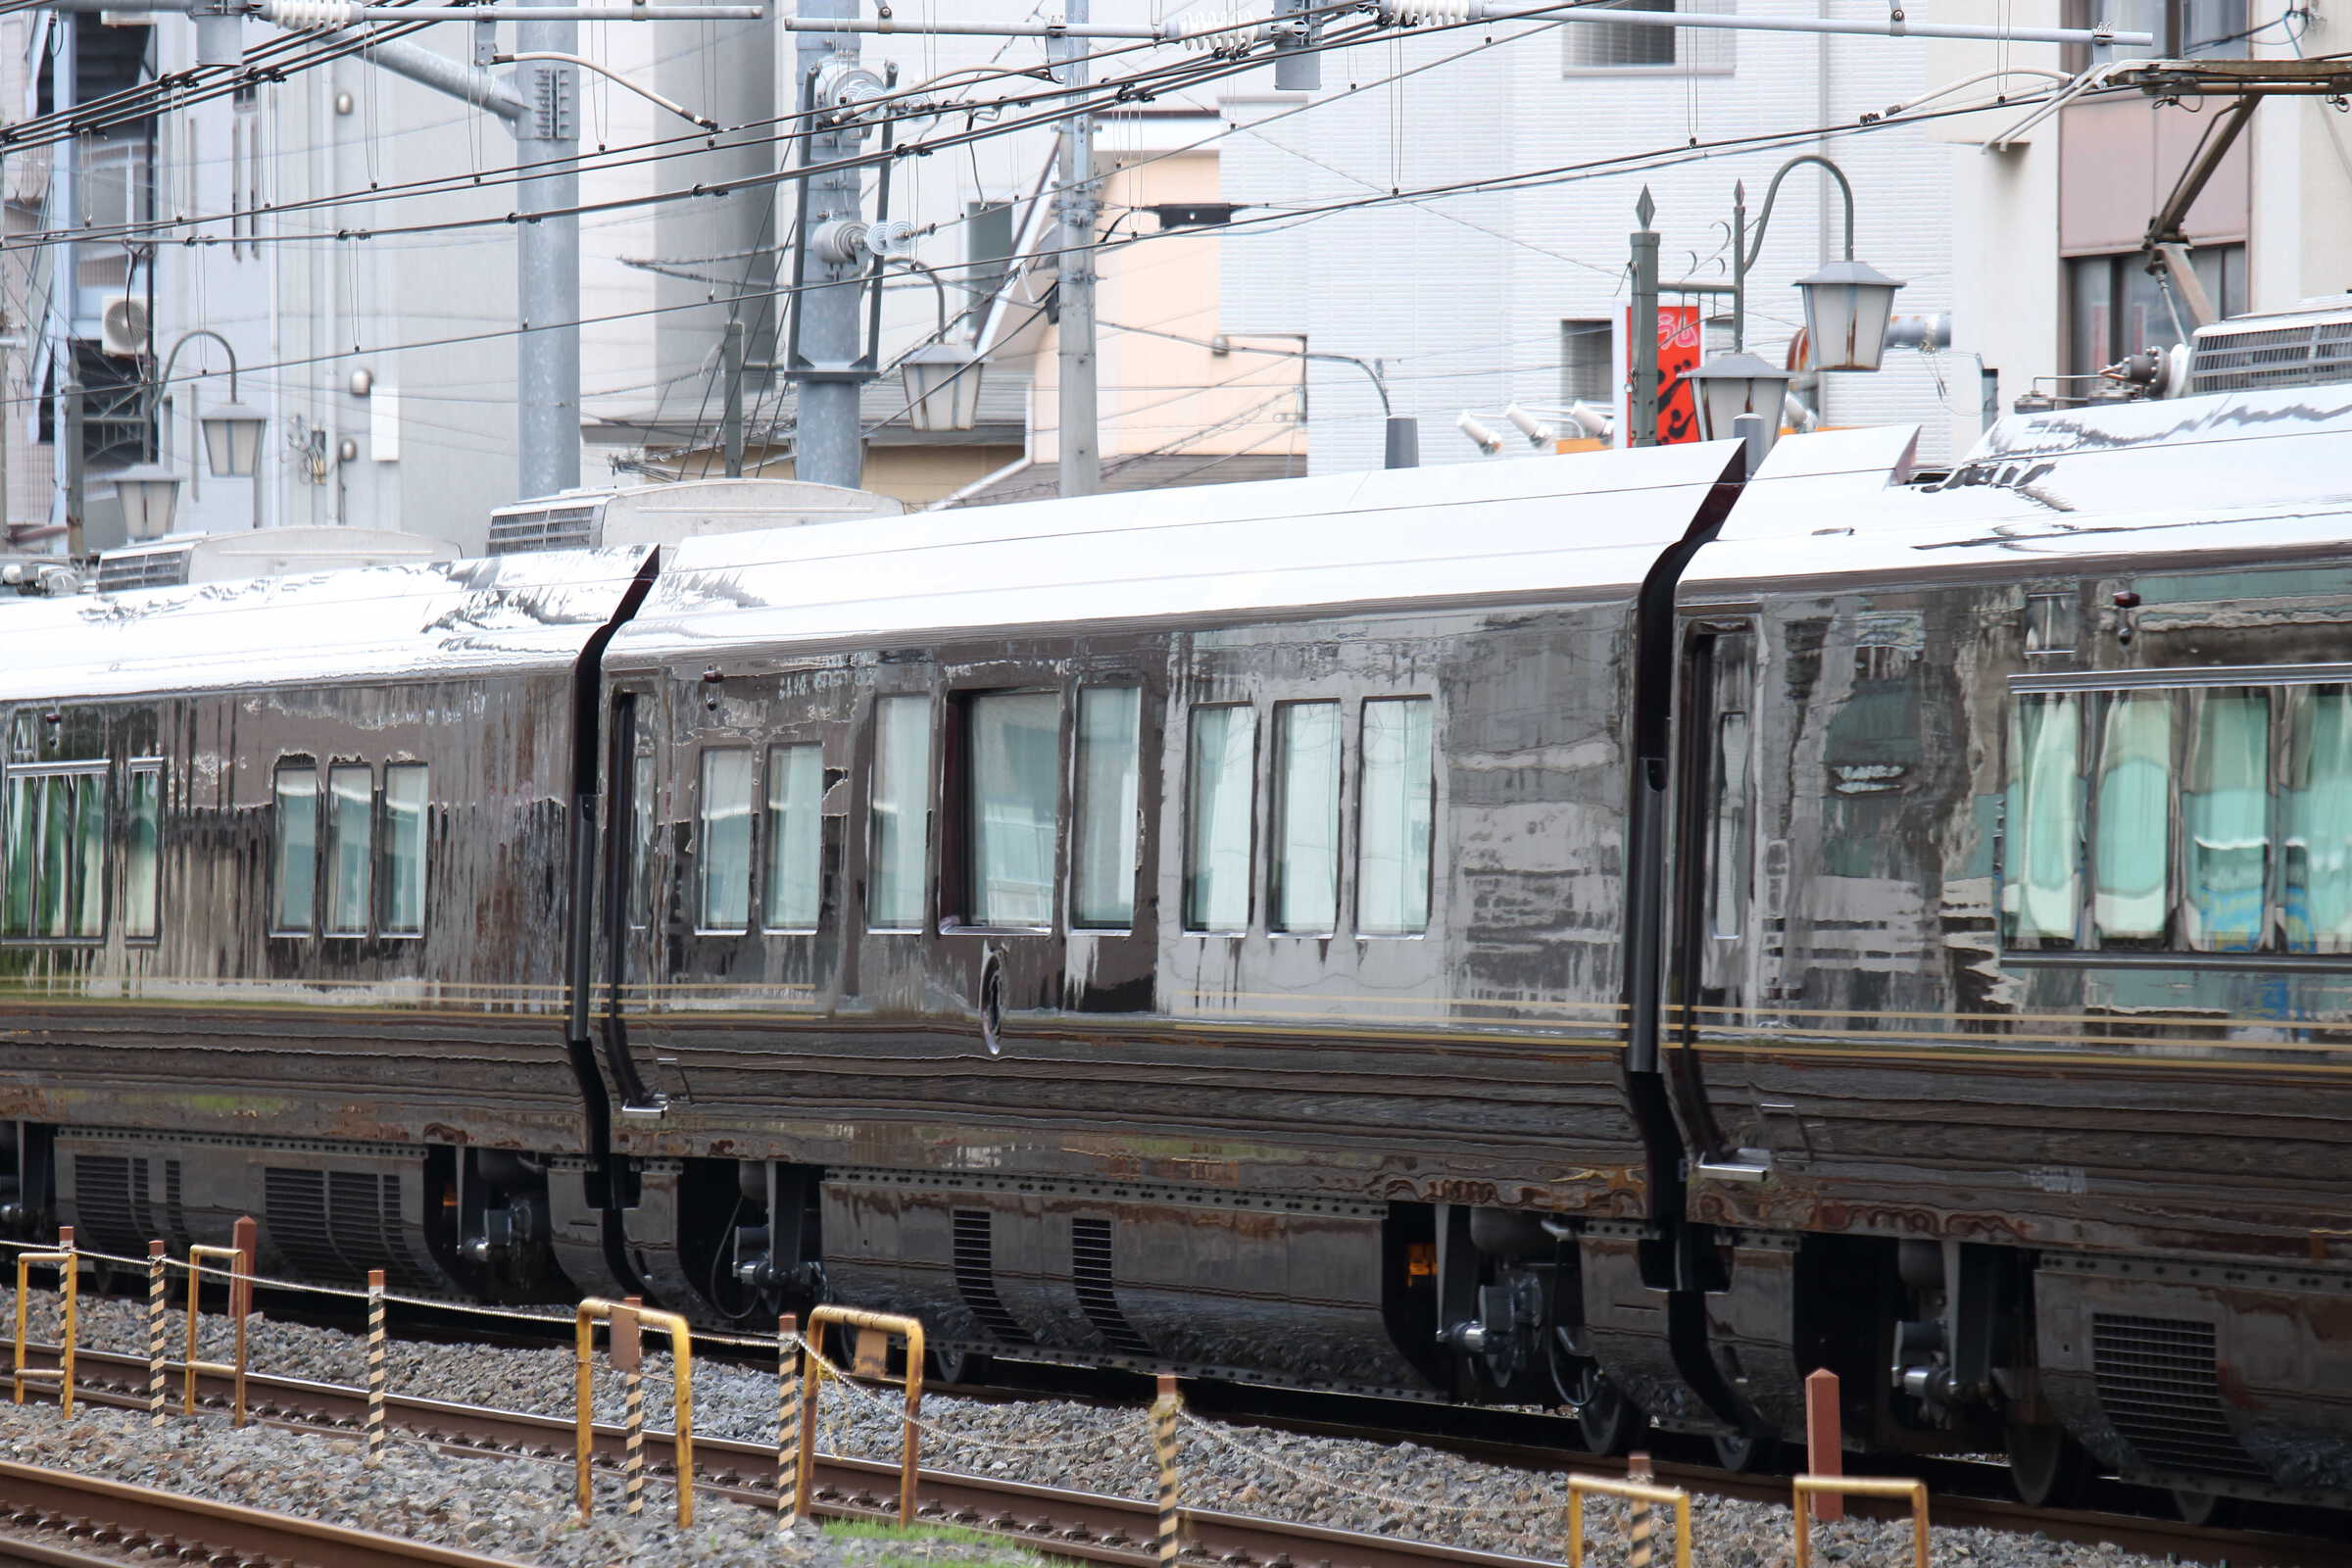 試9541M 検査明け試運転 E655系6両